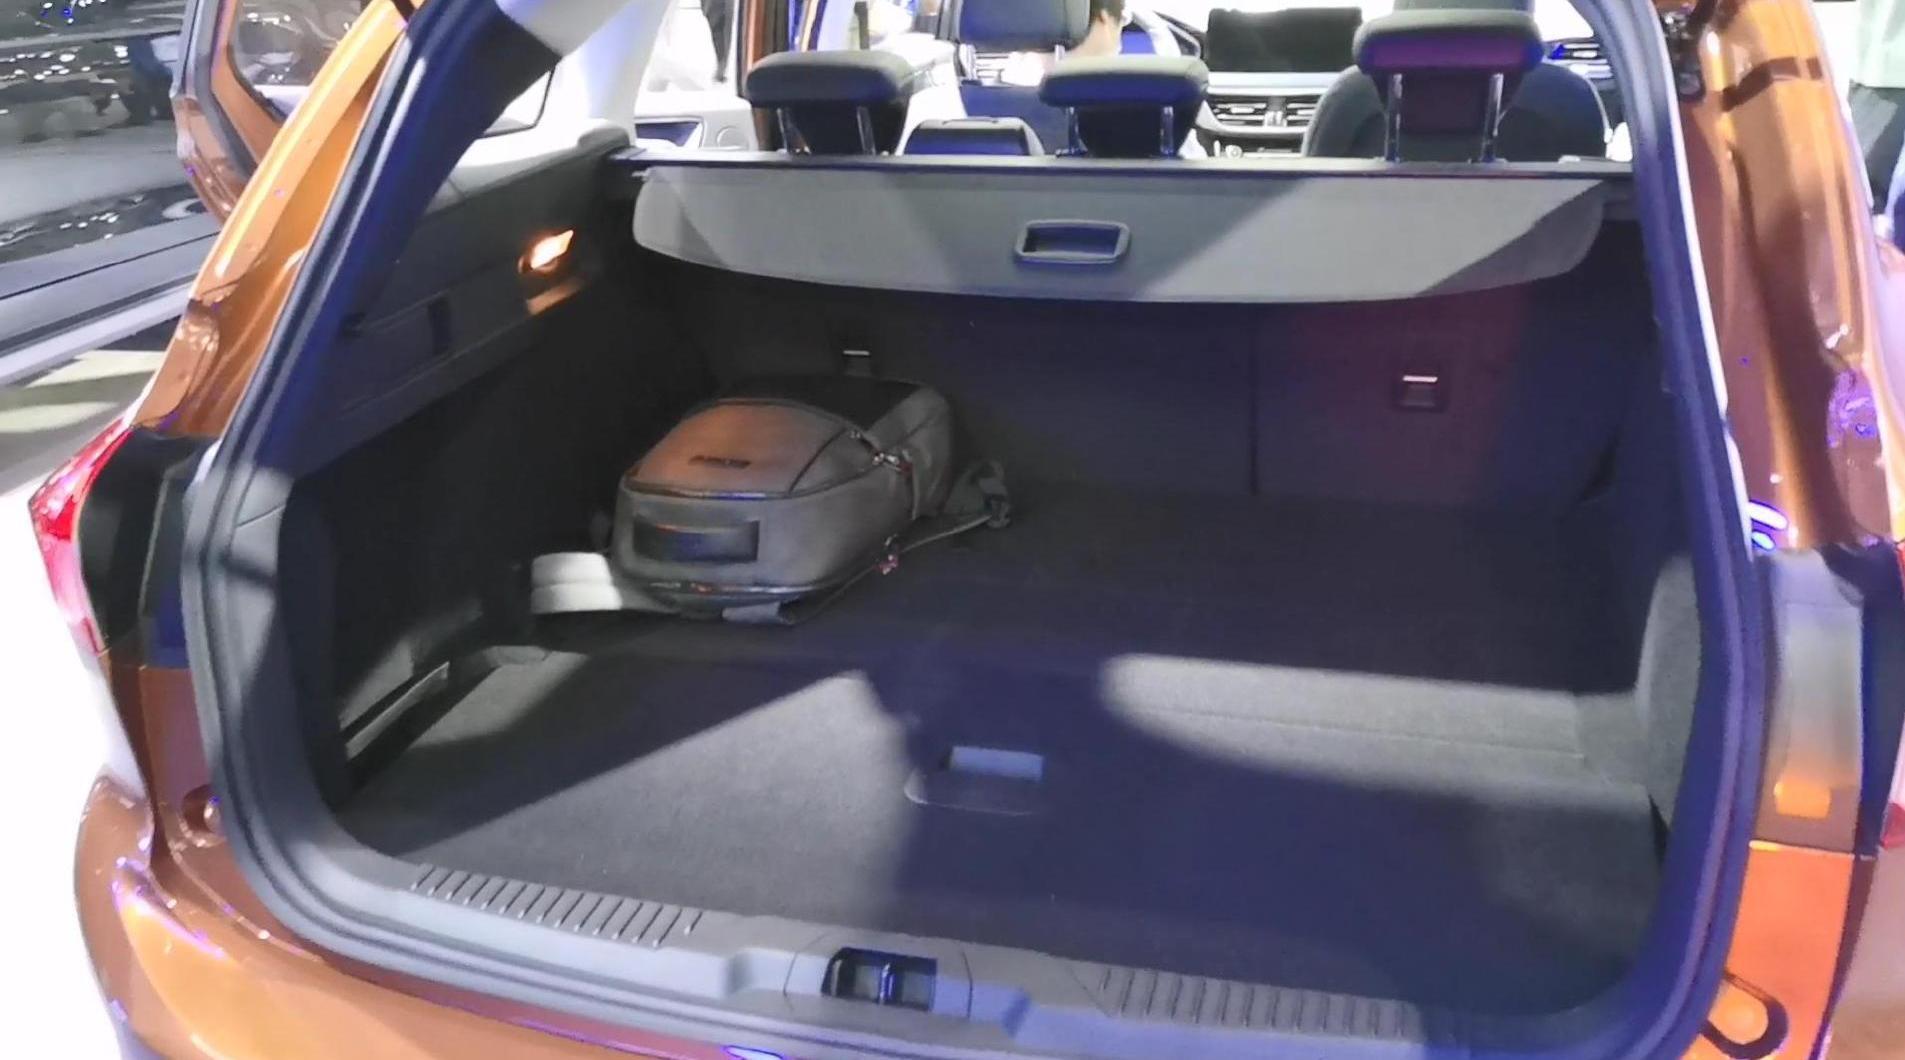 视频:福特福克斯旅行版比两厢版好在哪?拉开尾门就知道了……